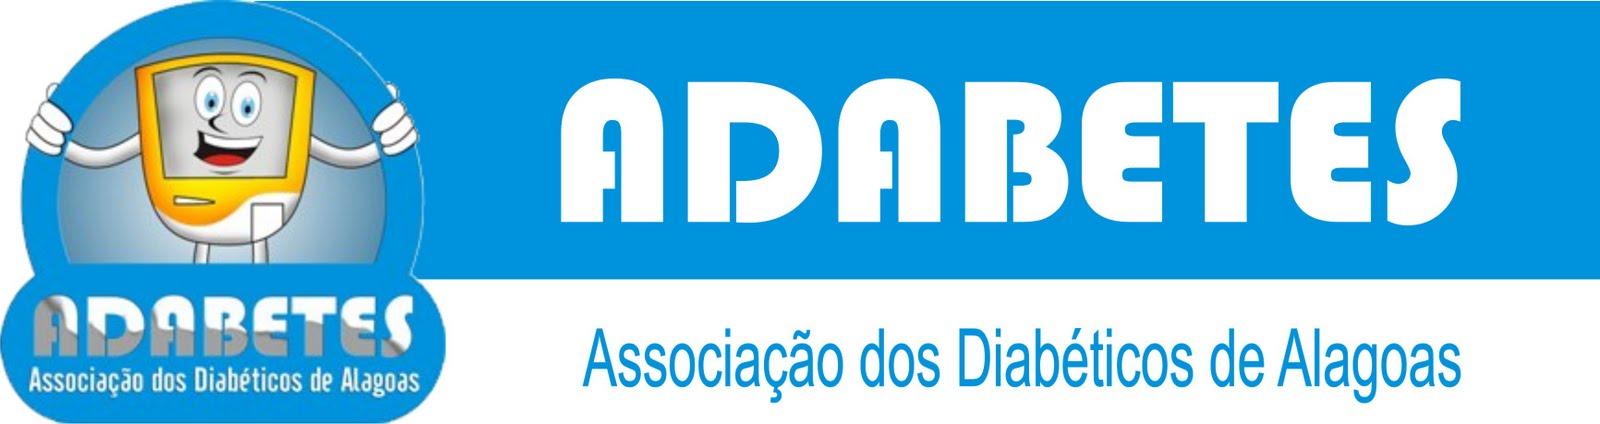 ADABETES - Associação dos Diabéticos de Alagoas